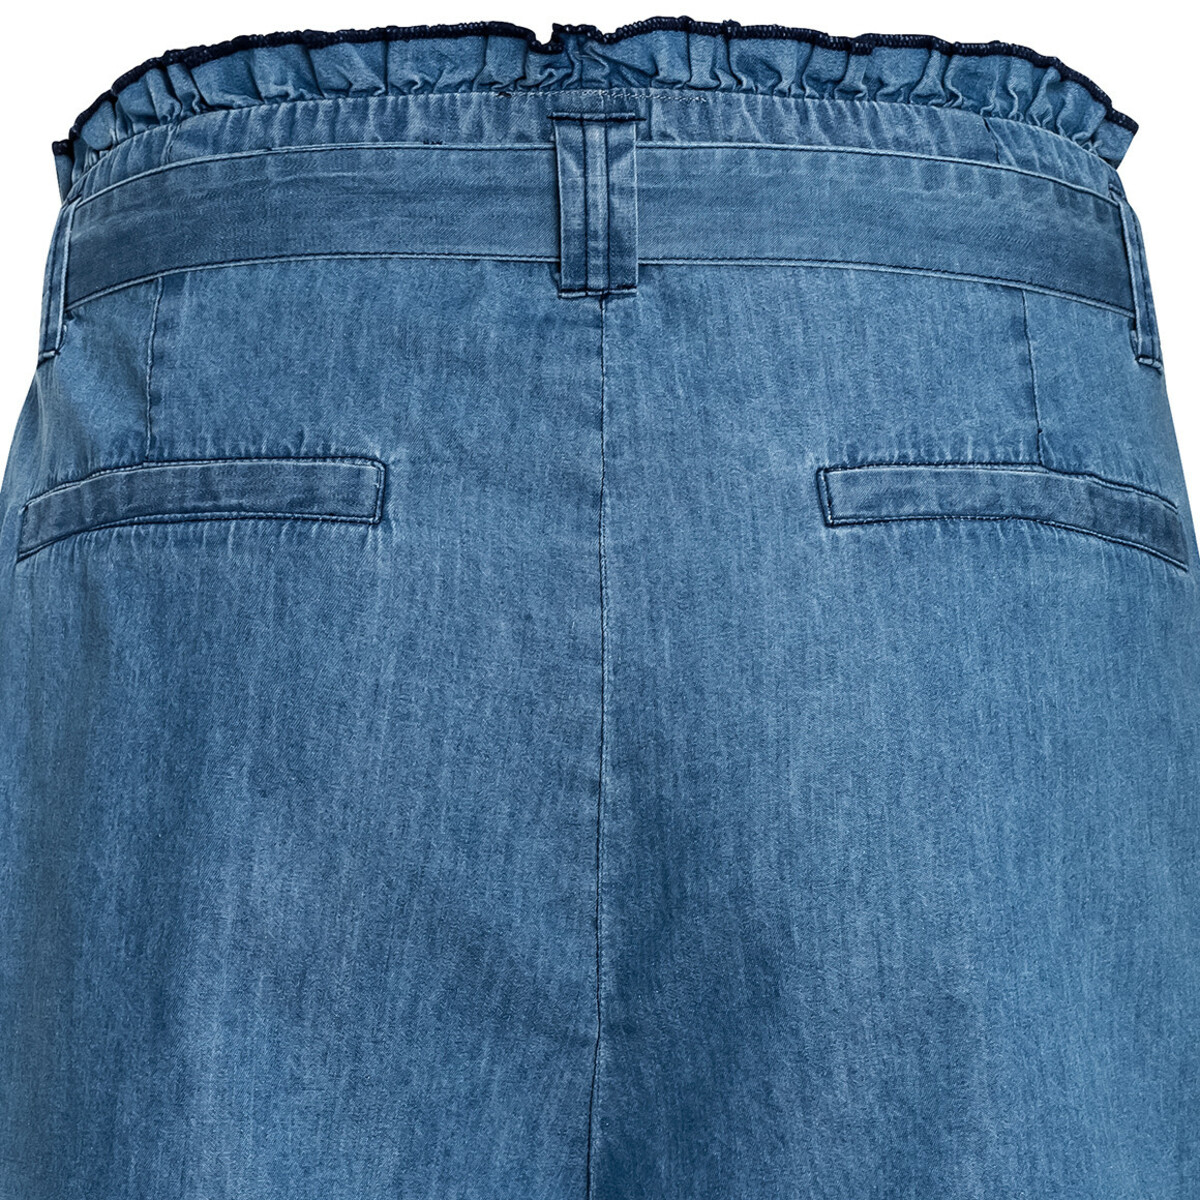 Bild 4 von Damen Shorts mit Bindegürtel